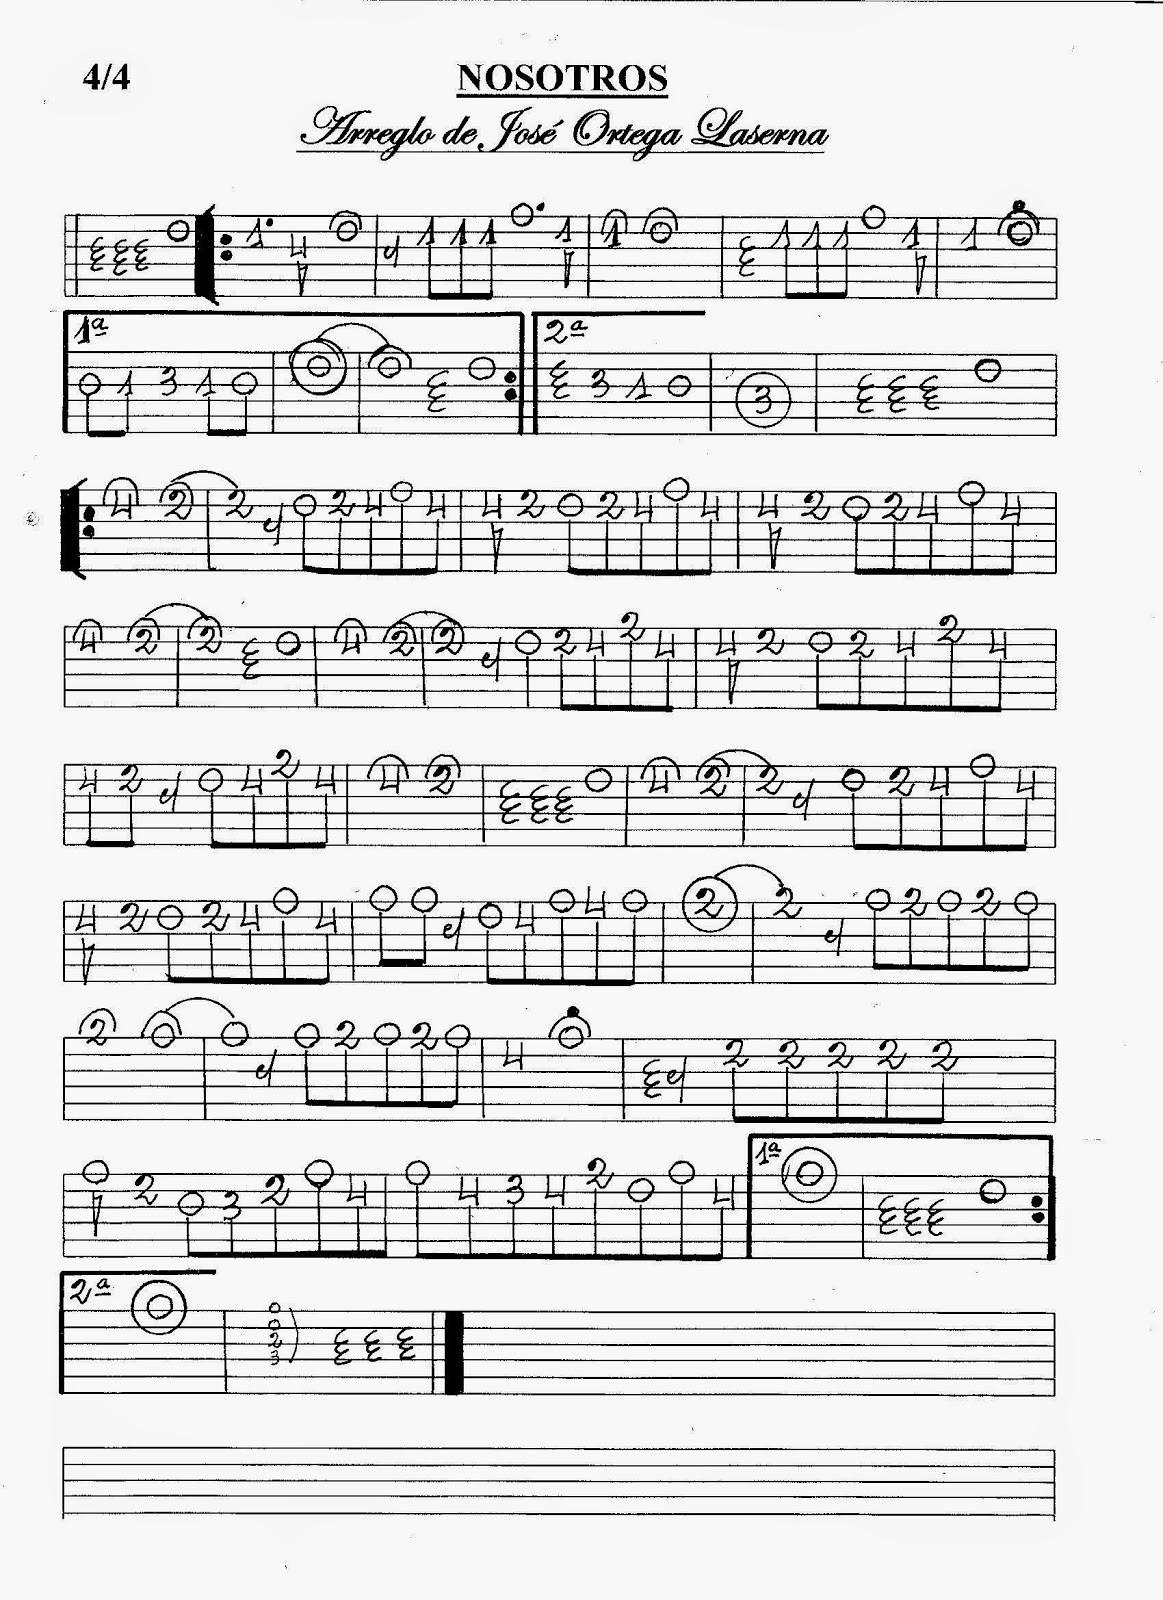 Partituras En Cifra Para Bandurria Y Laud De Jose Ortega Laserna Octubre 2014